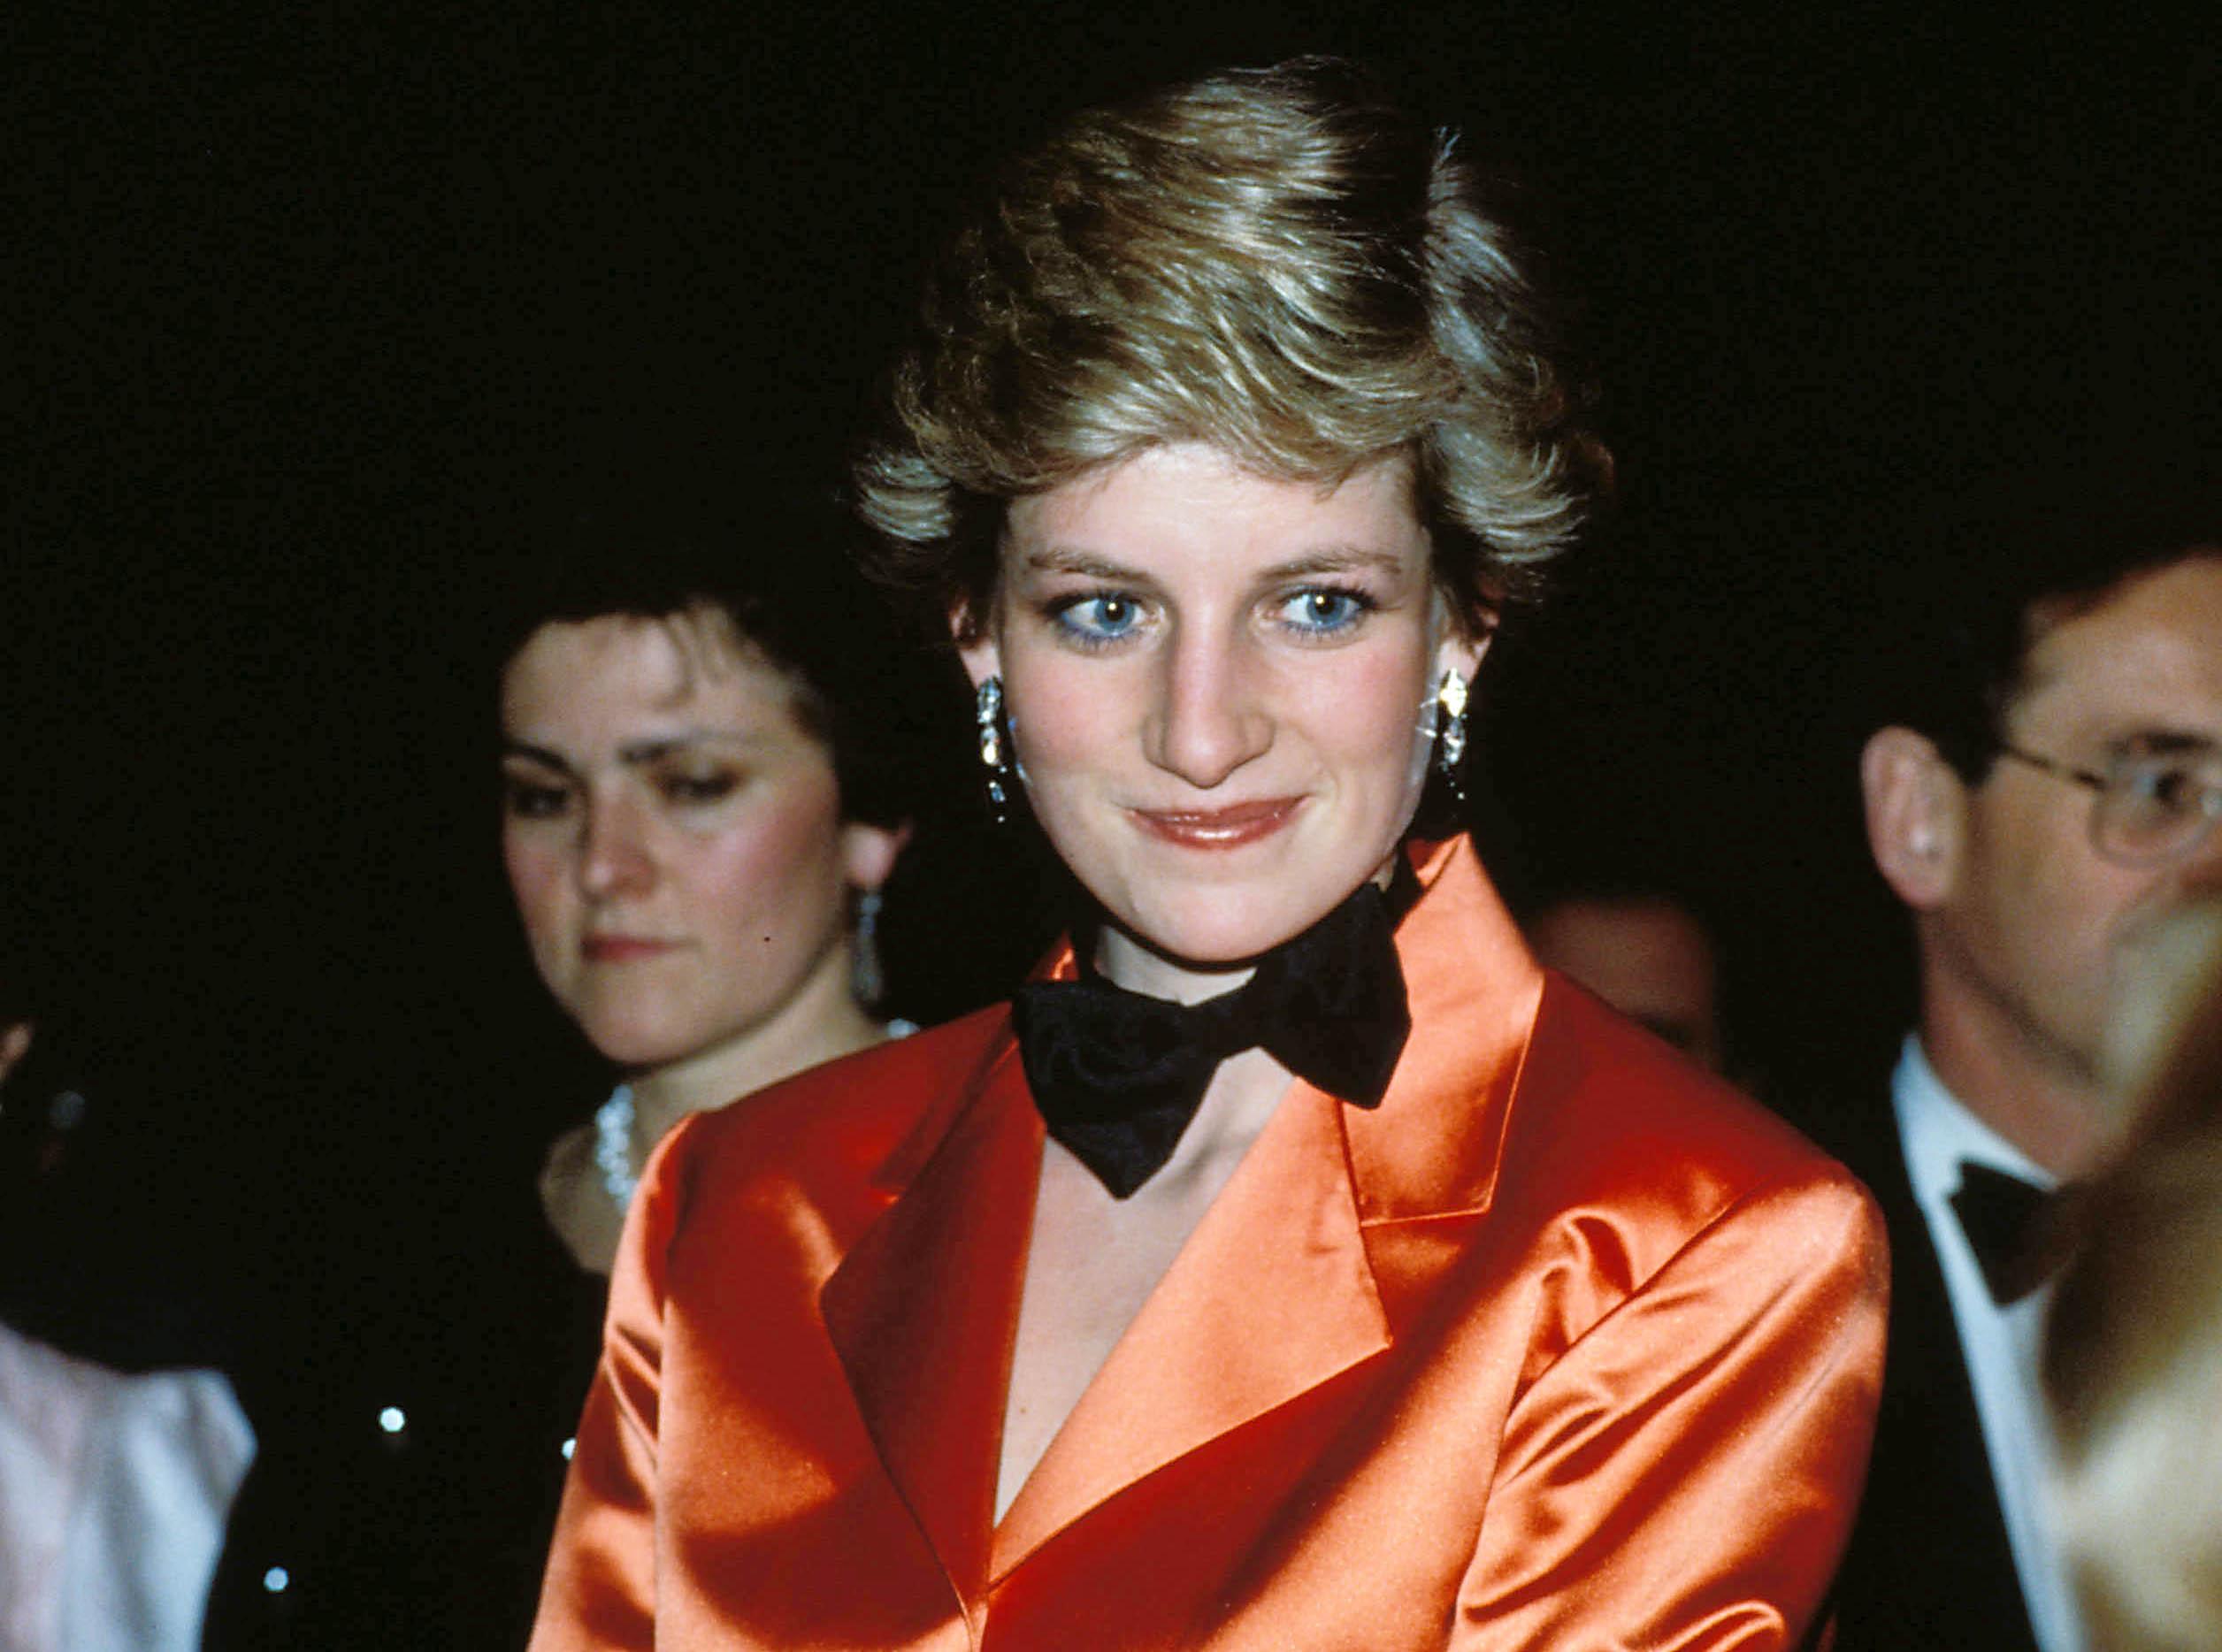 Prințesa Diana poartă un sacou portocoliu și un papion